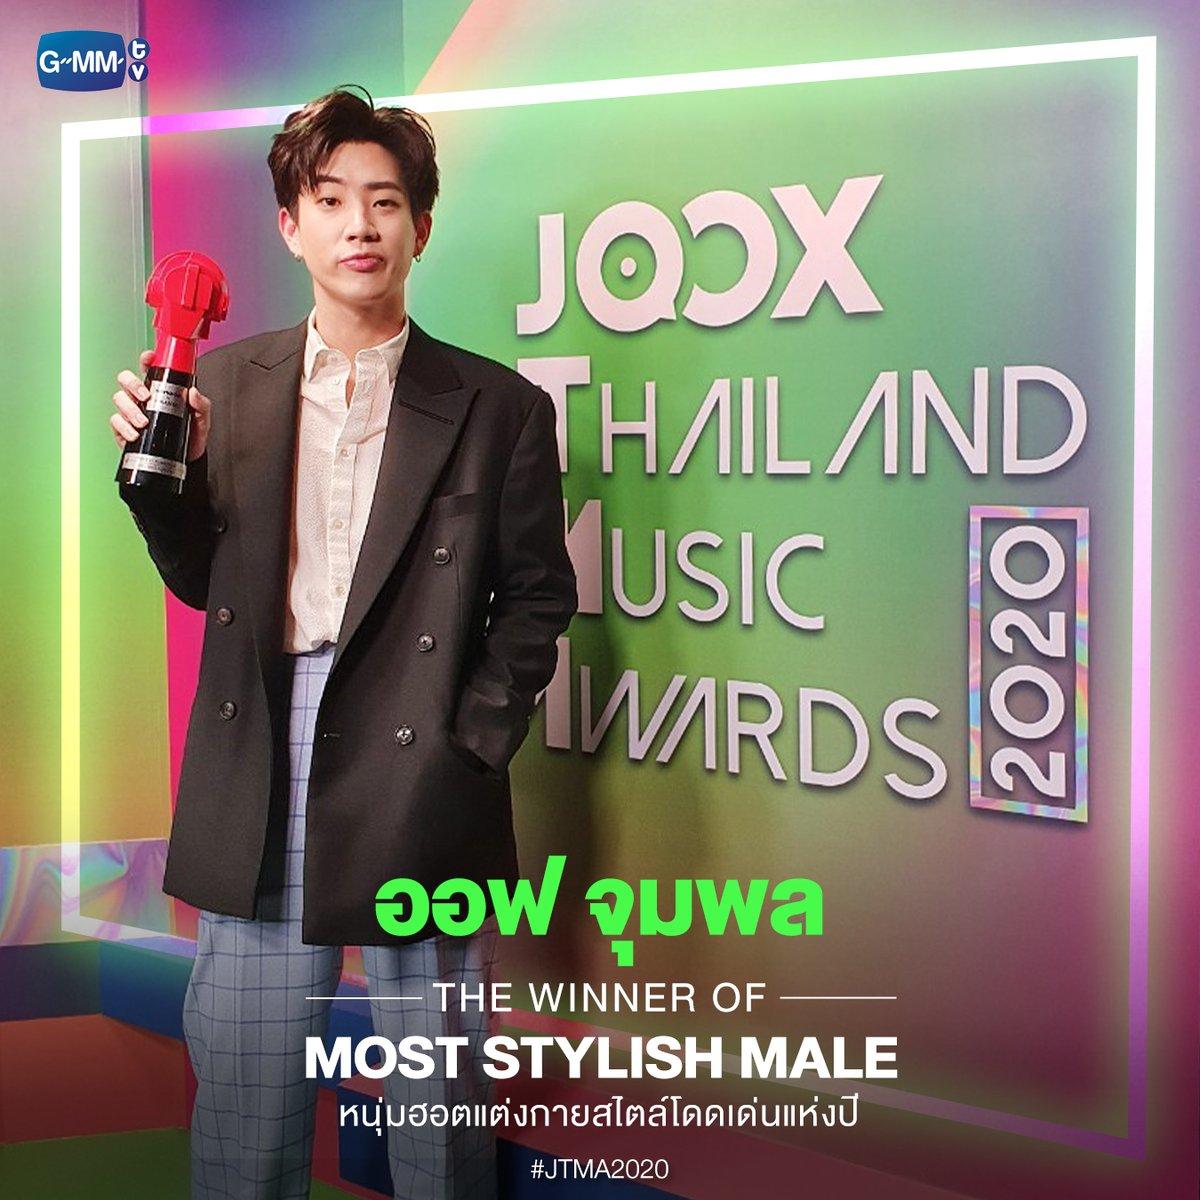 🎉🎉🎉 ขอแสดงความยินดีด้วยกับ ออฟ จุมพล คว้ารางวัล Most Stylish Male หนุ่มฮอตแต่งกายสไตล์โดดเด่นแห่งปี จากงาน JOOX Thailand Music Awards 2020 Live ขอขอบคุณ @JOOXTH และทุกคะแนนโหวตจากแฟนๆ ด้วยนะครับ #JTMA2020 #GMMTV